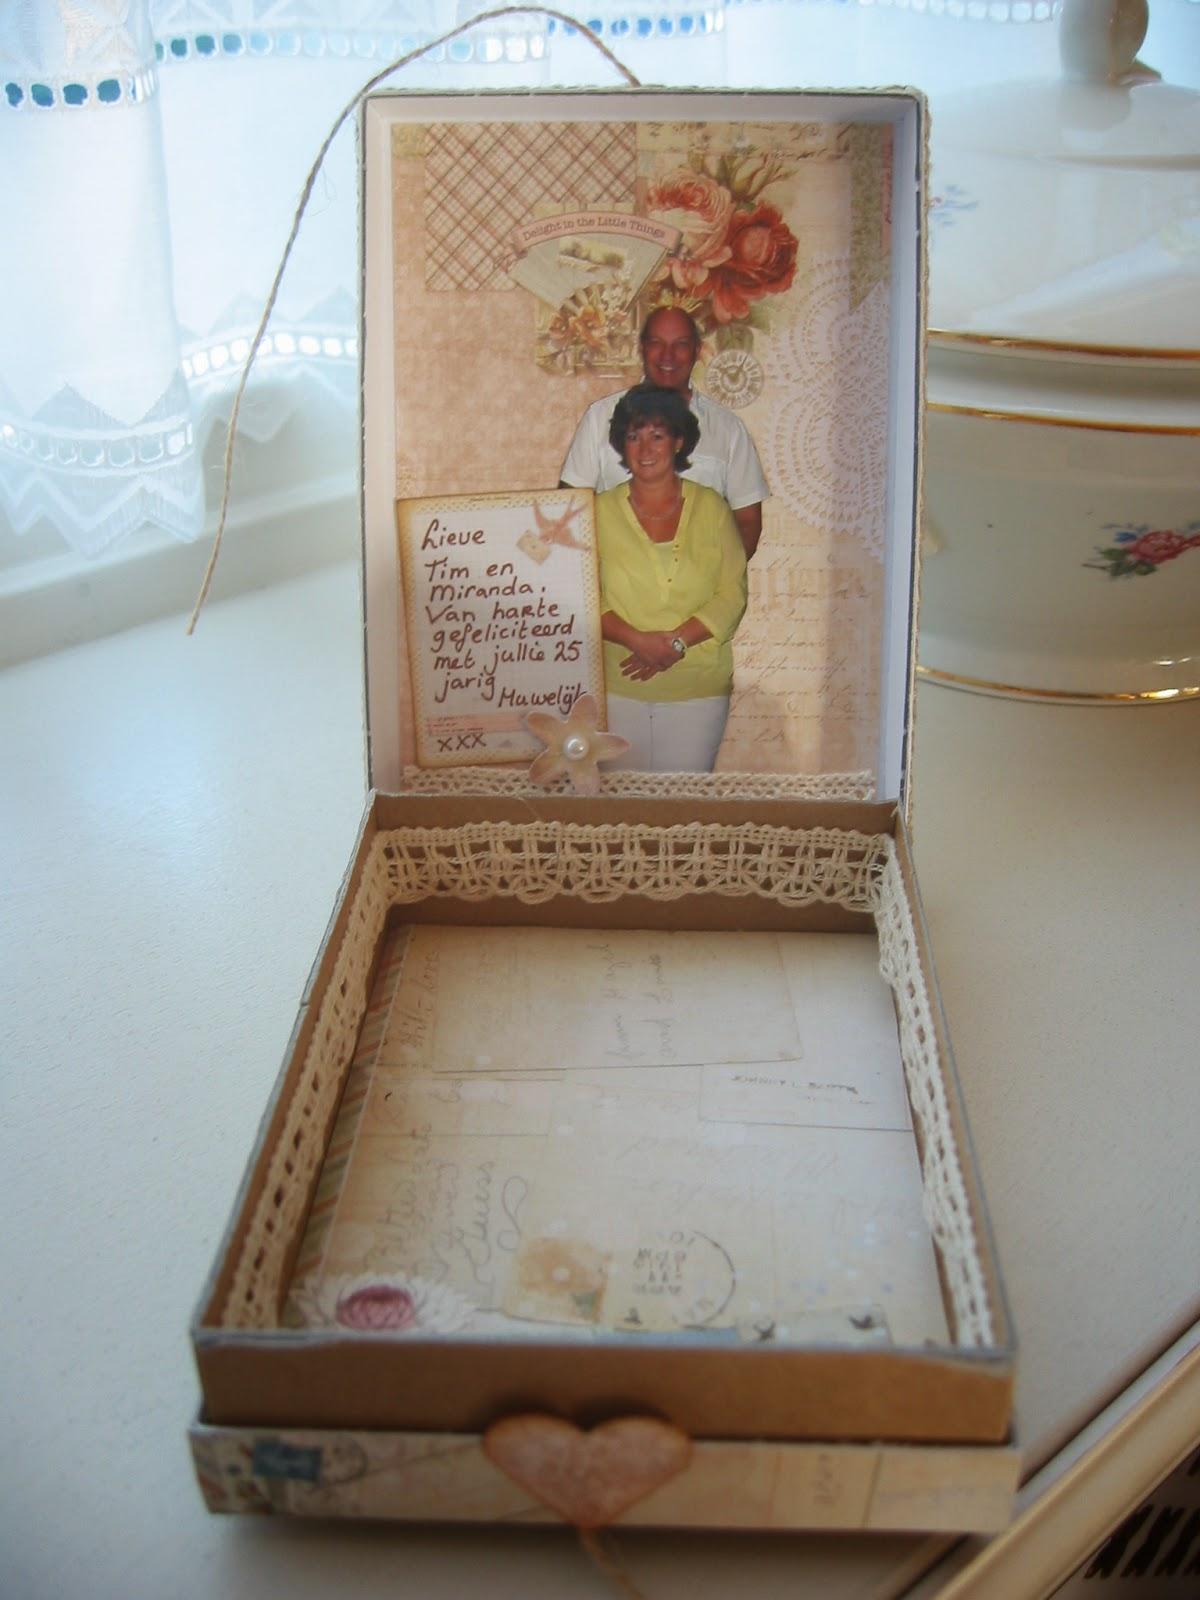 25 jaar getrouwd wat te doen Paper and Fabrics: 25 jaar getrouwd 25 jaar getrouwd wat te doen